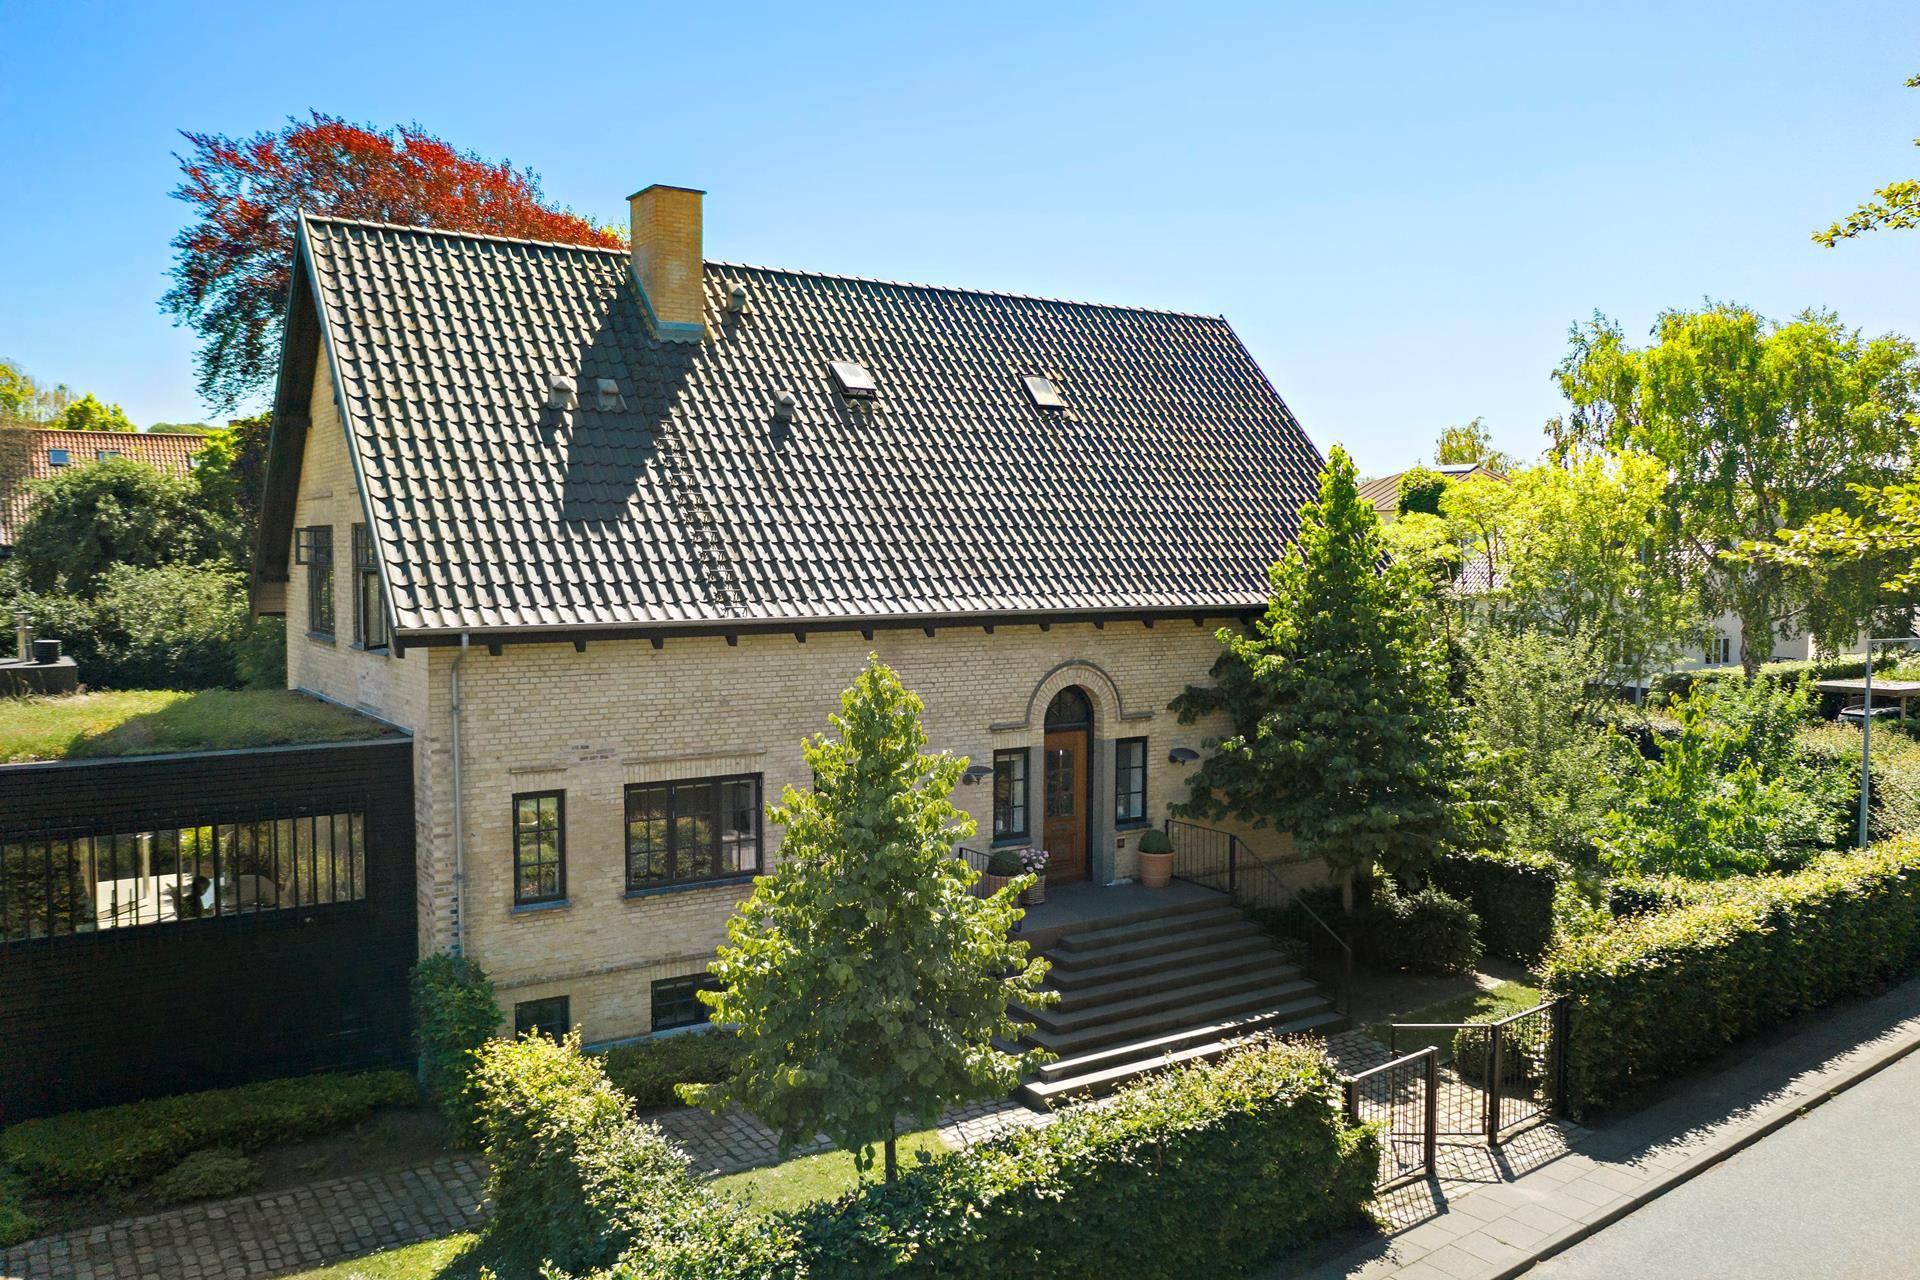 Lejlighed, villa og sommerhus: Her er de dyreste boliger i Nordjylland